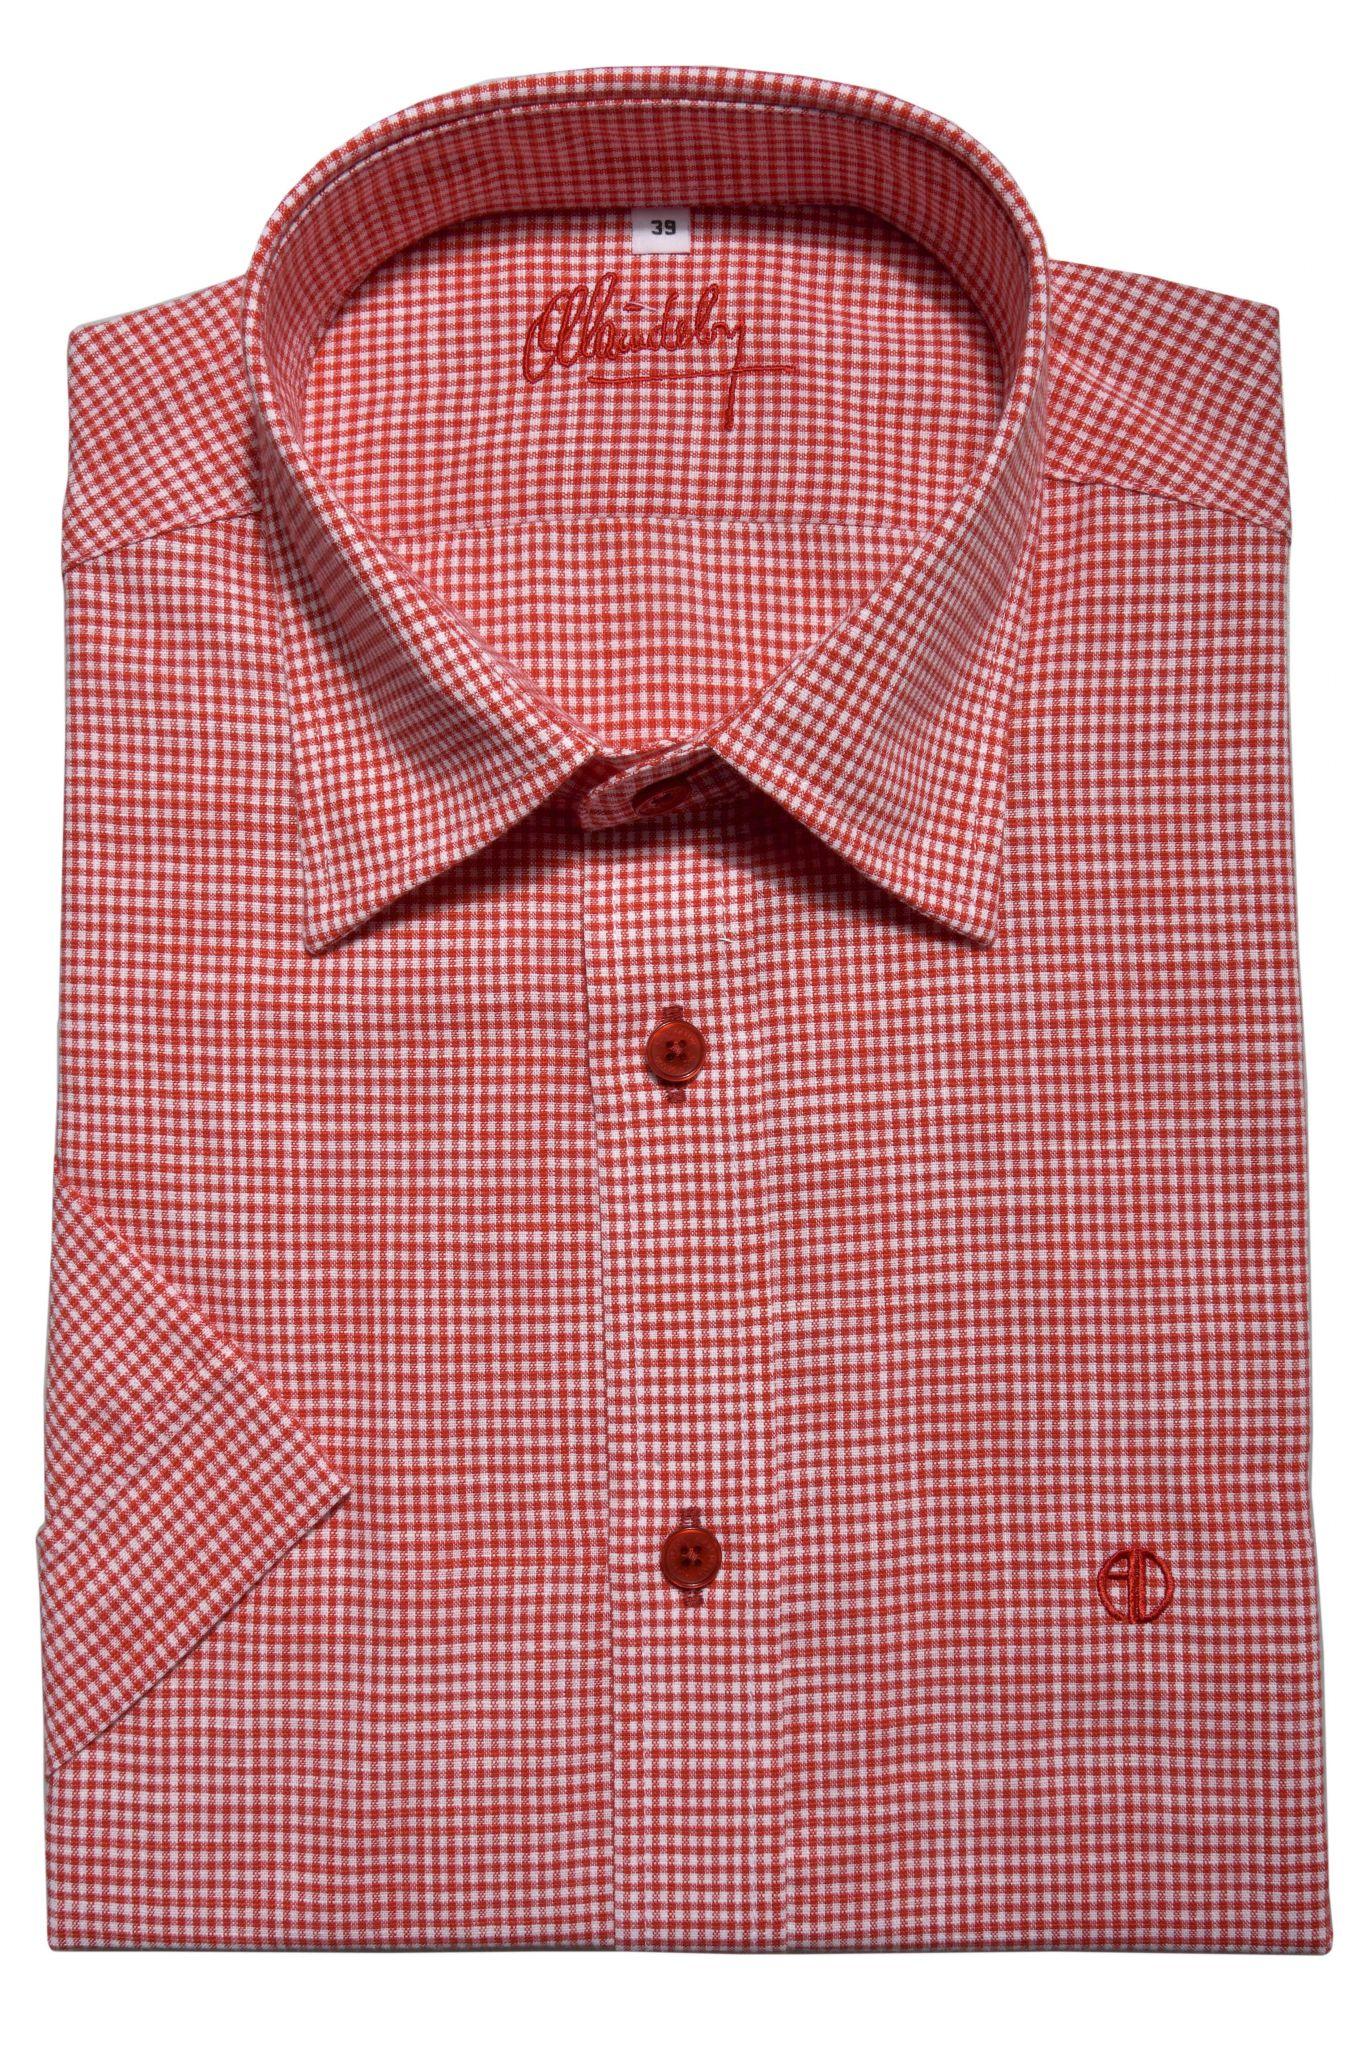 58aa34dbb085 Károvaná Extra Slim Fit košeľa s krátkym rukávom - Košele krátky ...